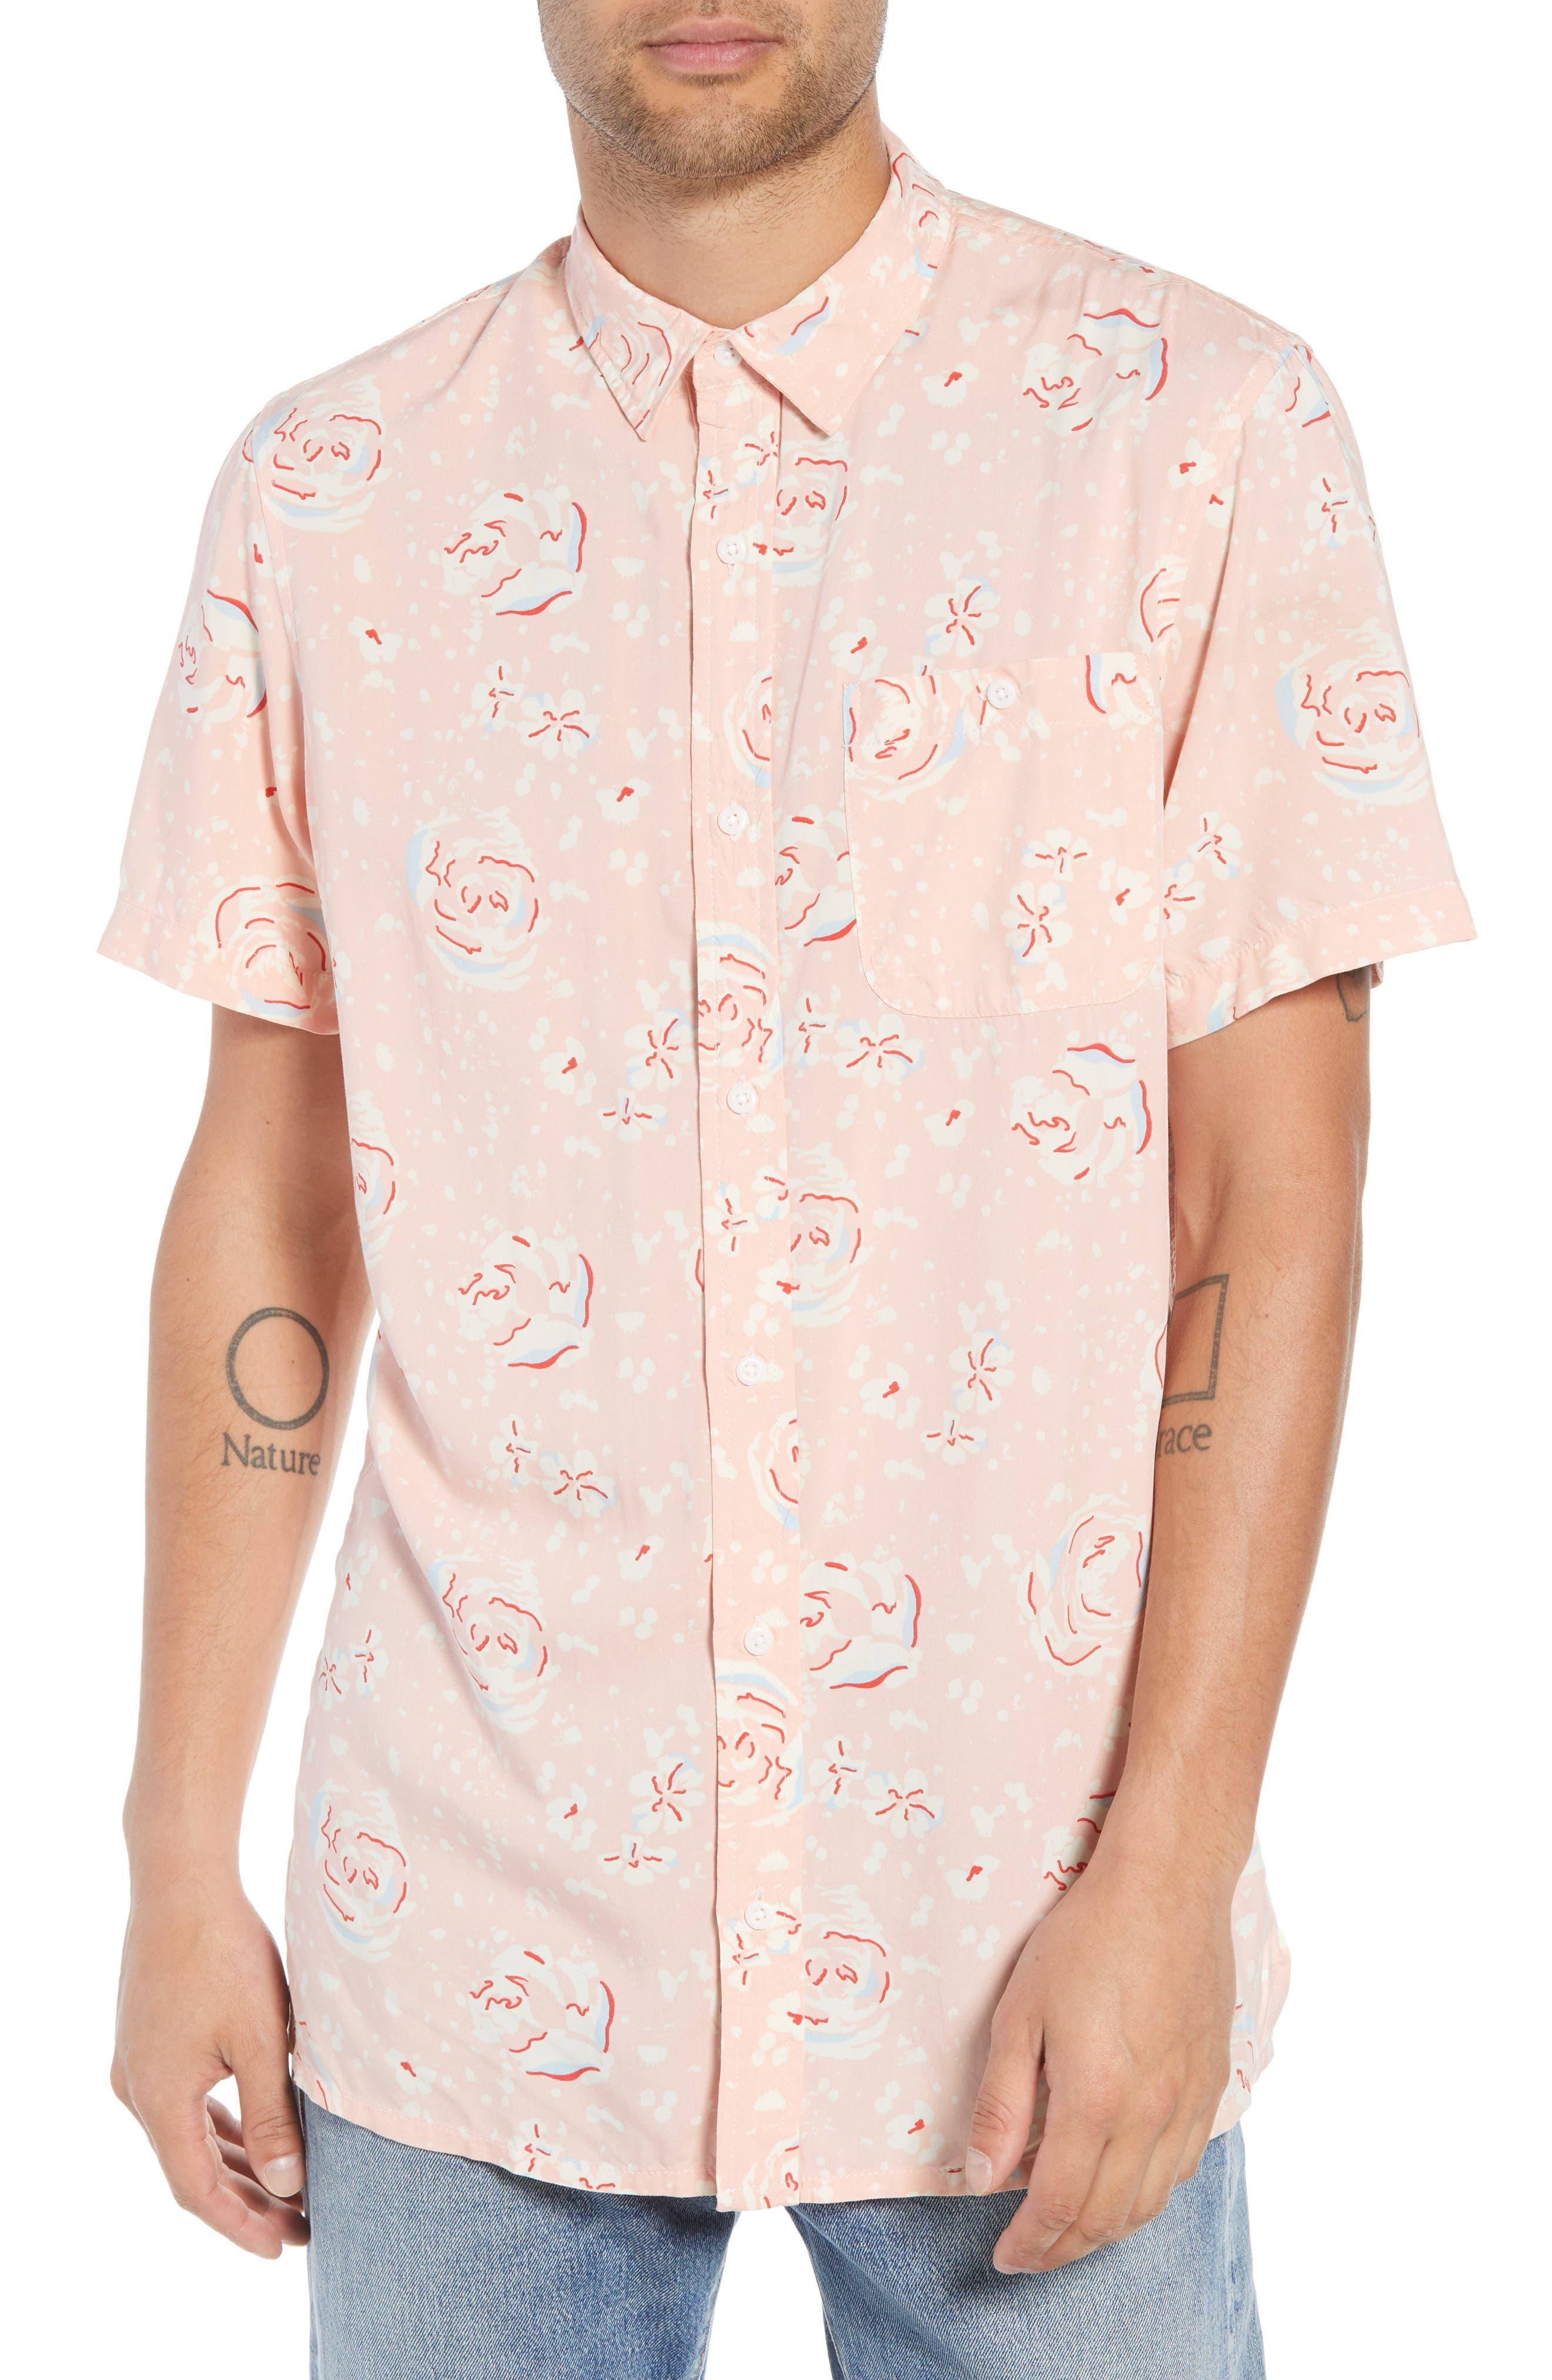 Print Woven Shirt,                             Main thumbnail 1, color,                             Pink Silver Abstract Floral